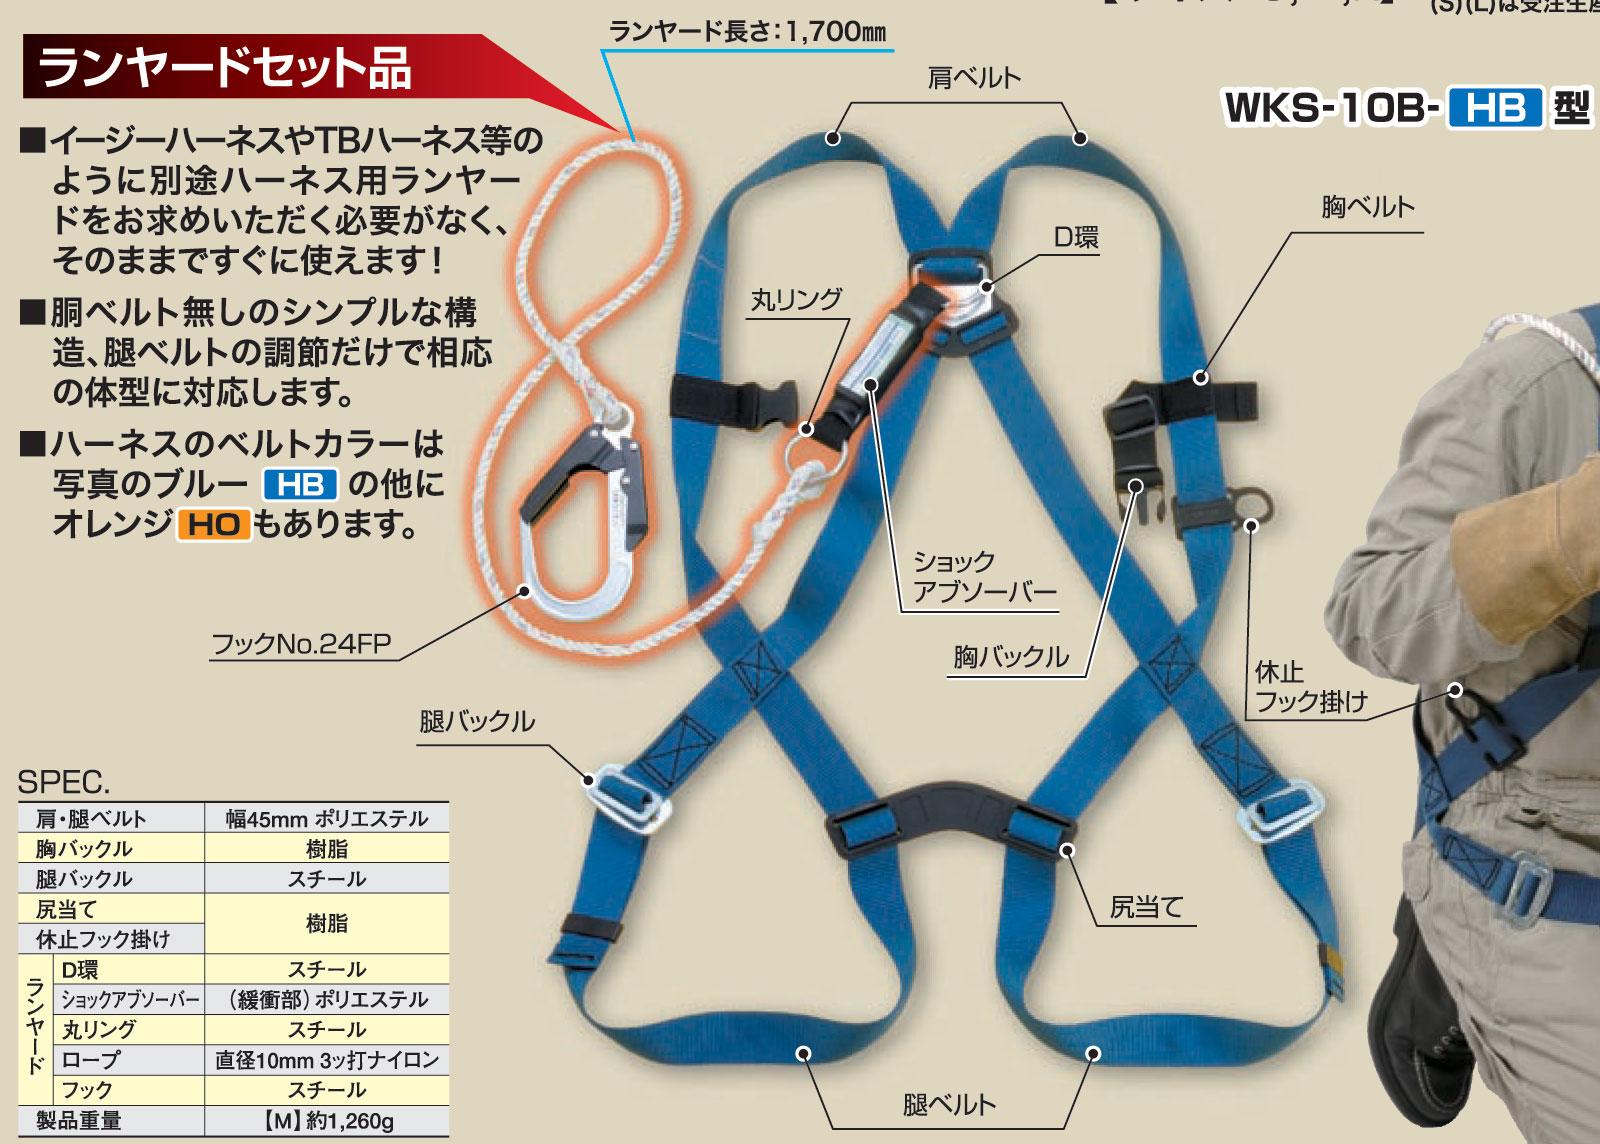 【送料無料】 タイタン ワーカーズハーネスWKS-10B-HB型【k】